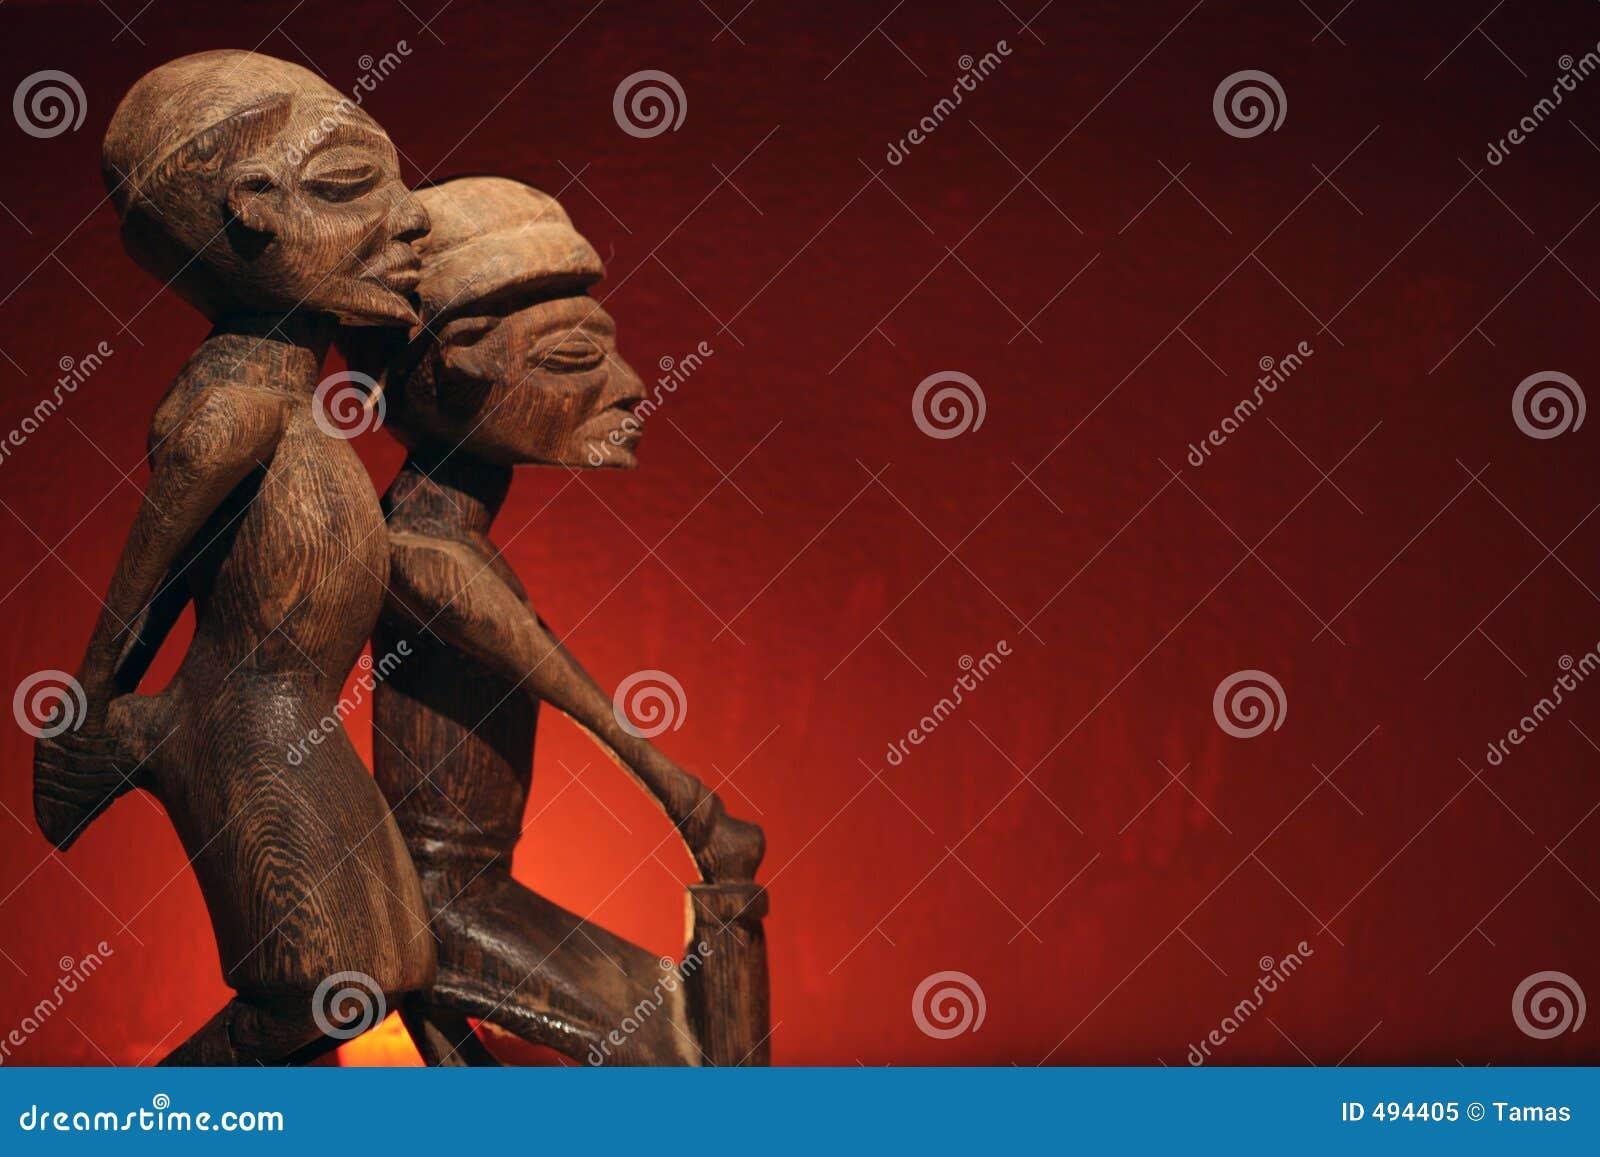 африканский тип искусства